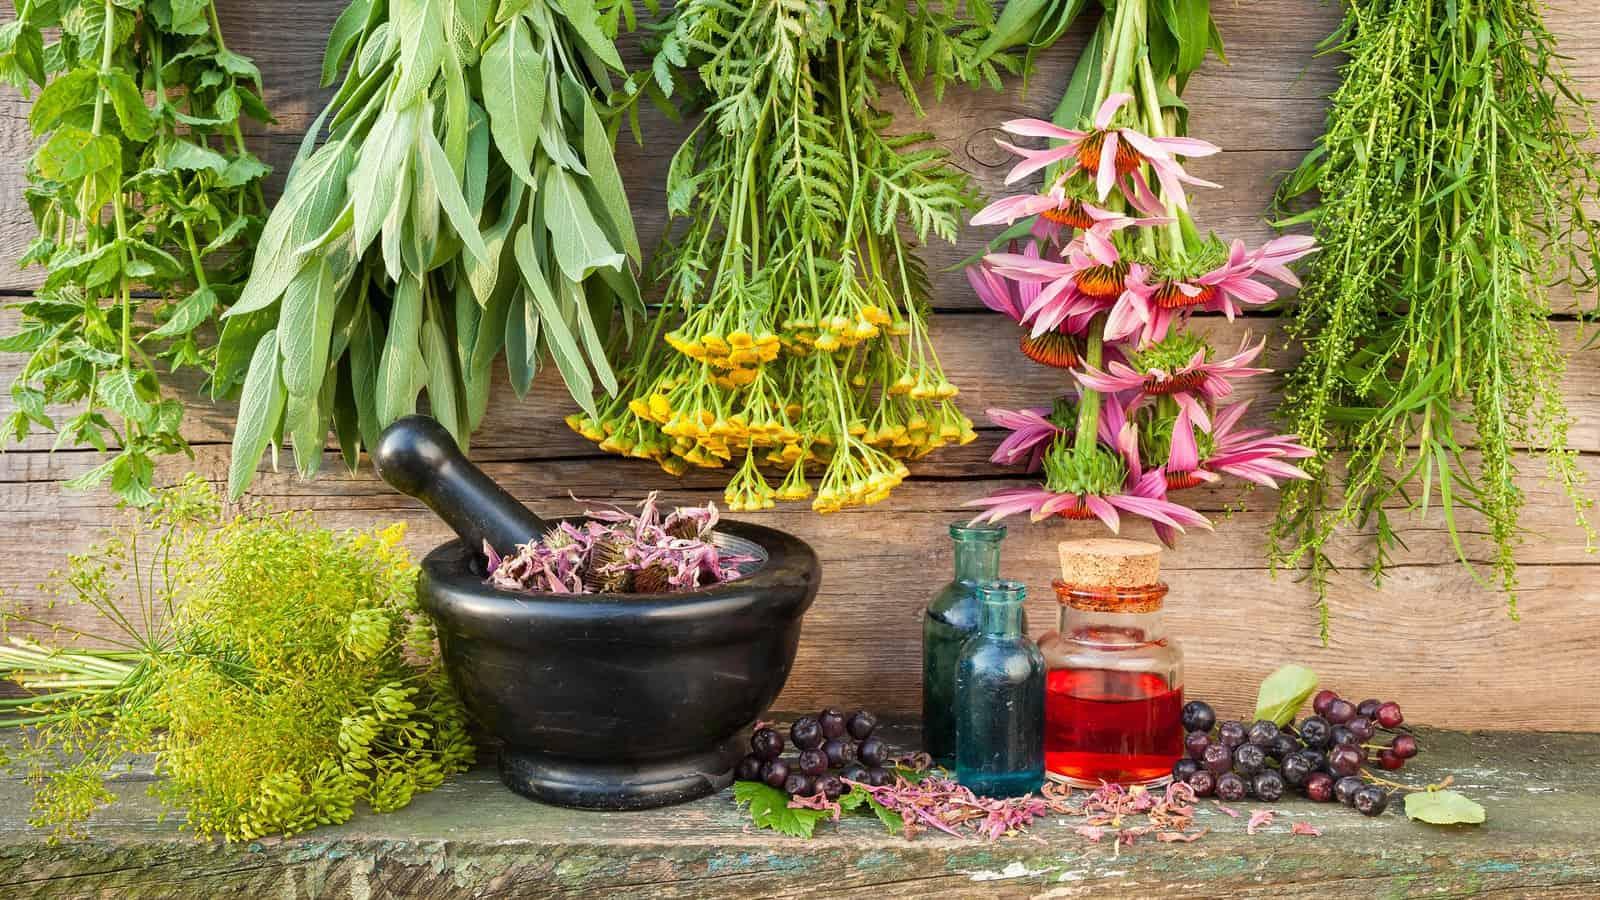 أعشاب طبية لتعزيز طاقة الجسم